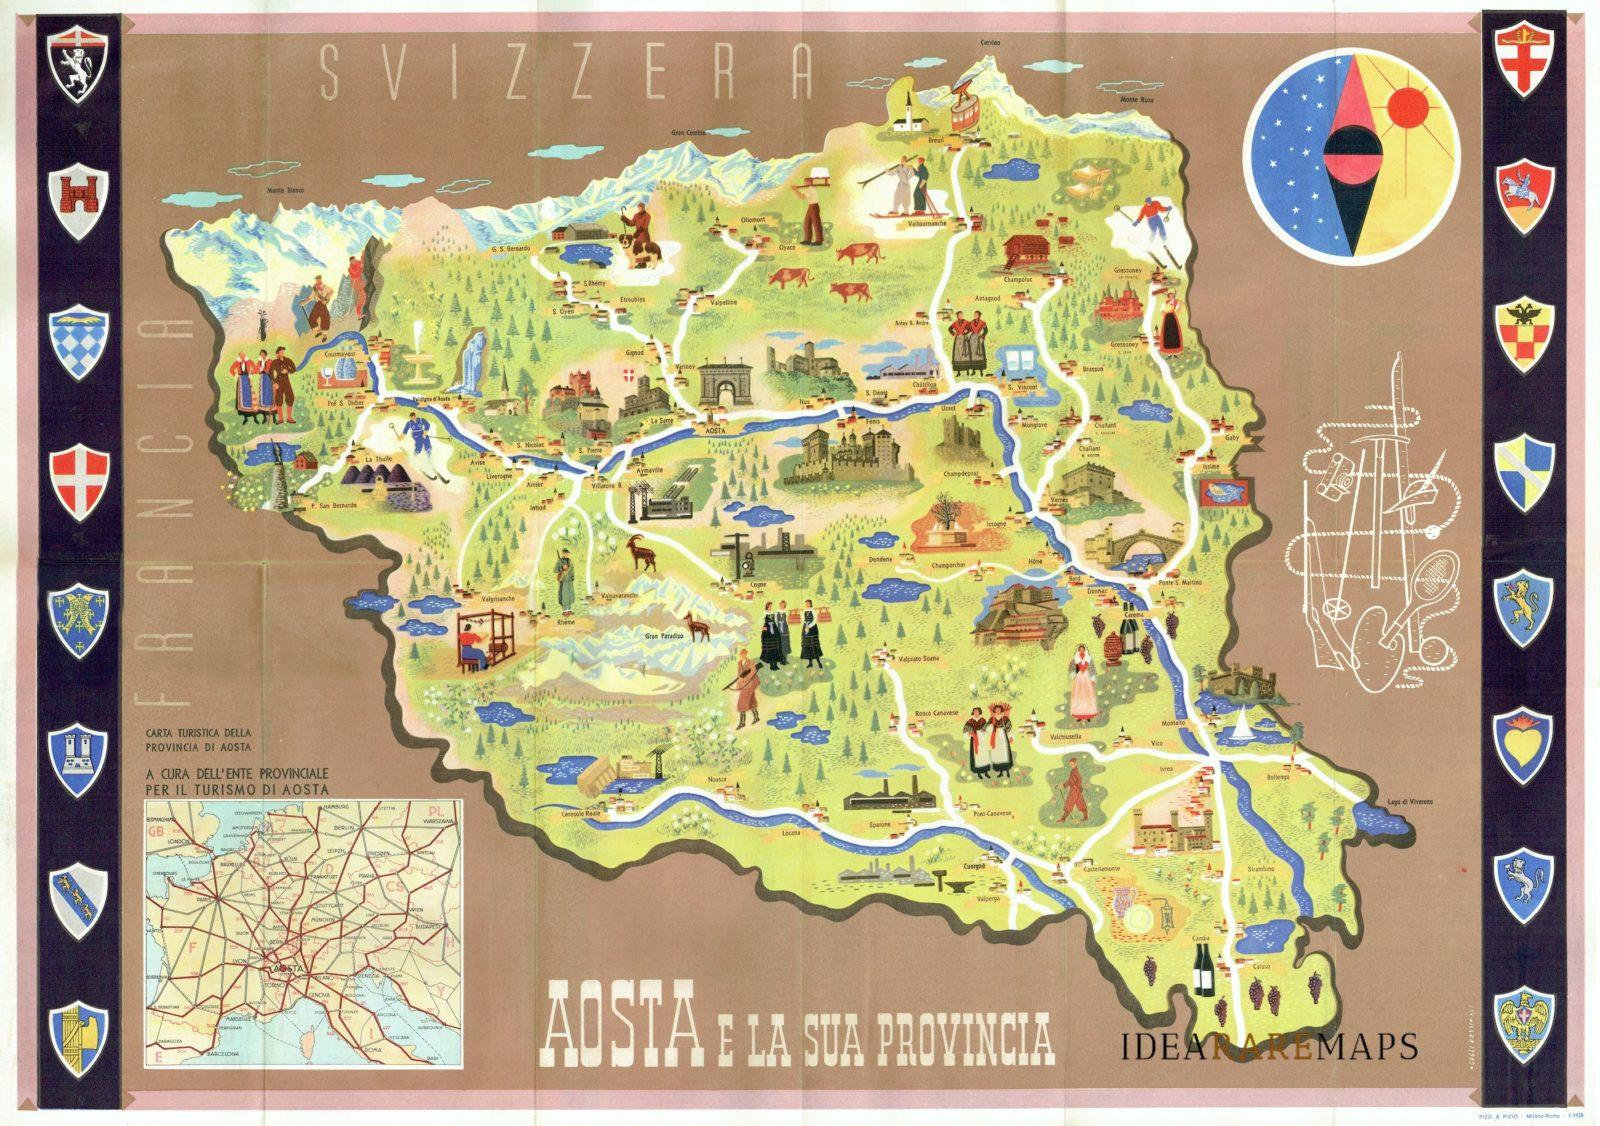 Cartina Geografica Della Valle D Aosta Da Stampare.Aosta E La Sua Provincia Idea Rare Maps